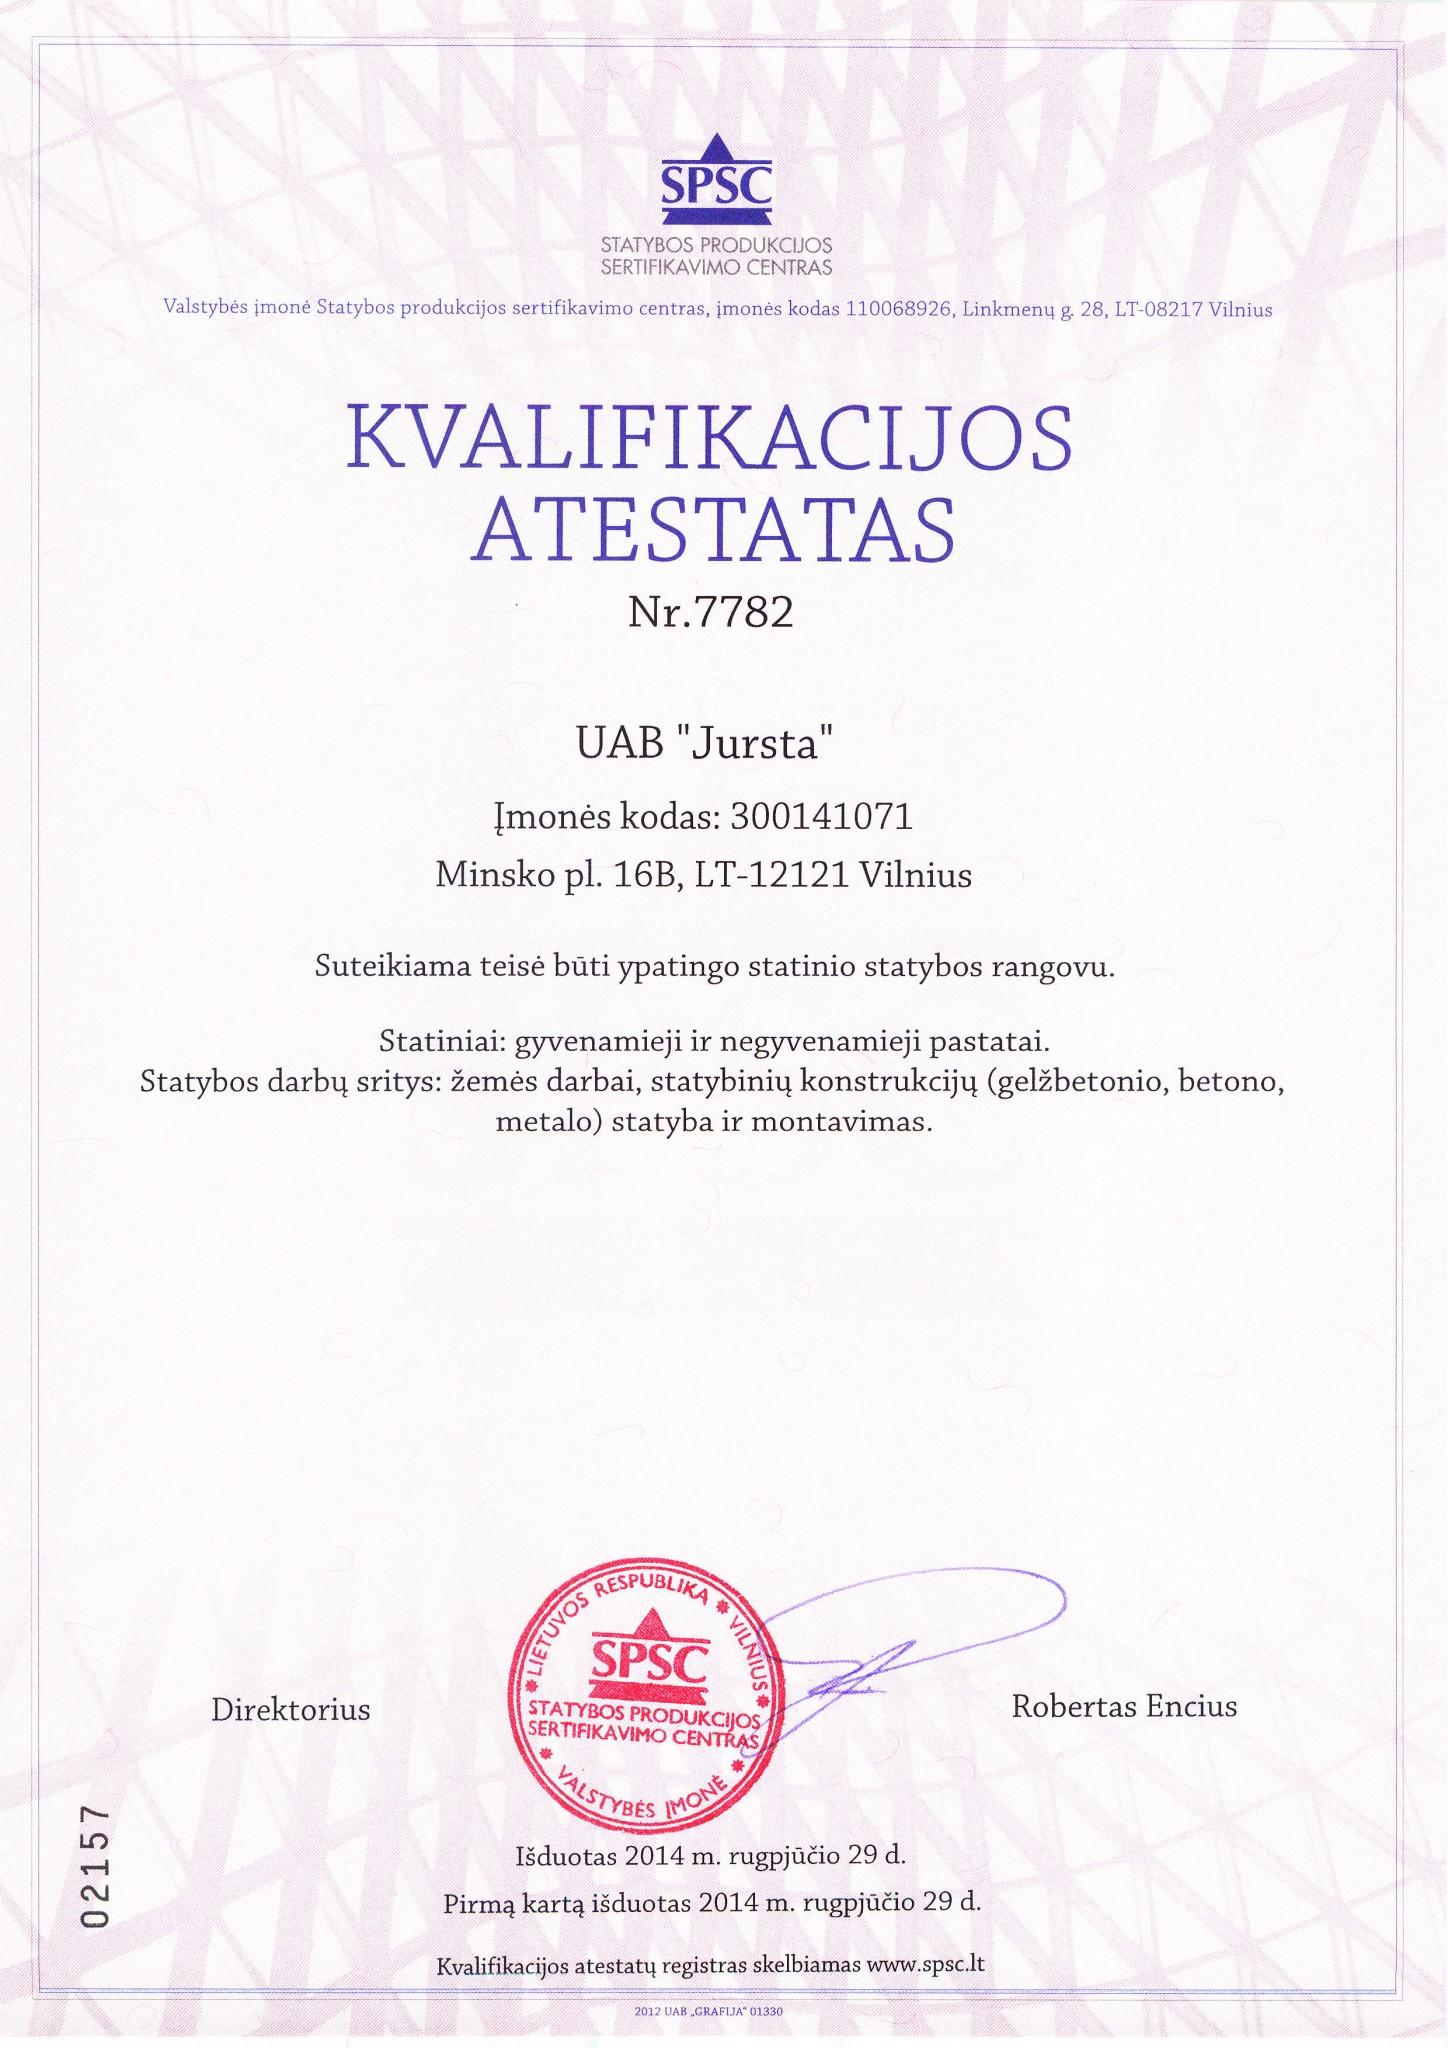 KVALIFIKACIJOS ATESTATAS_JURSTA